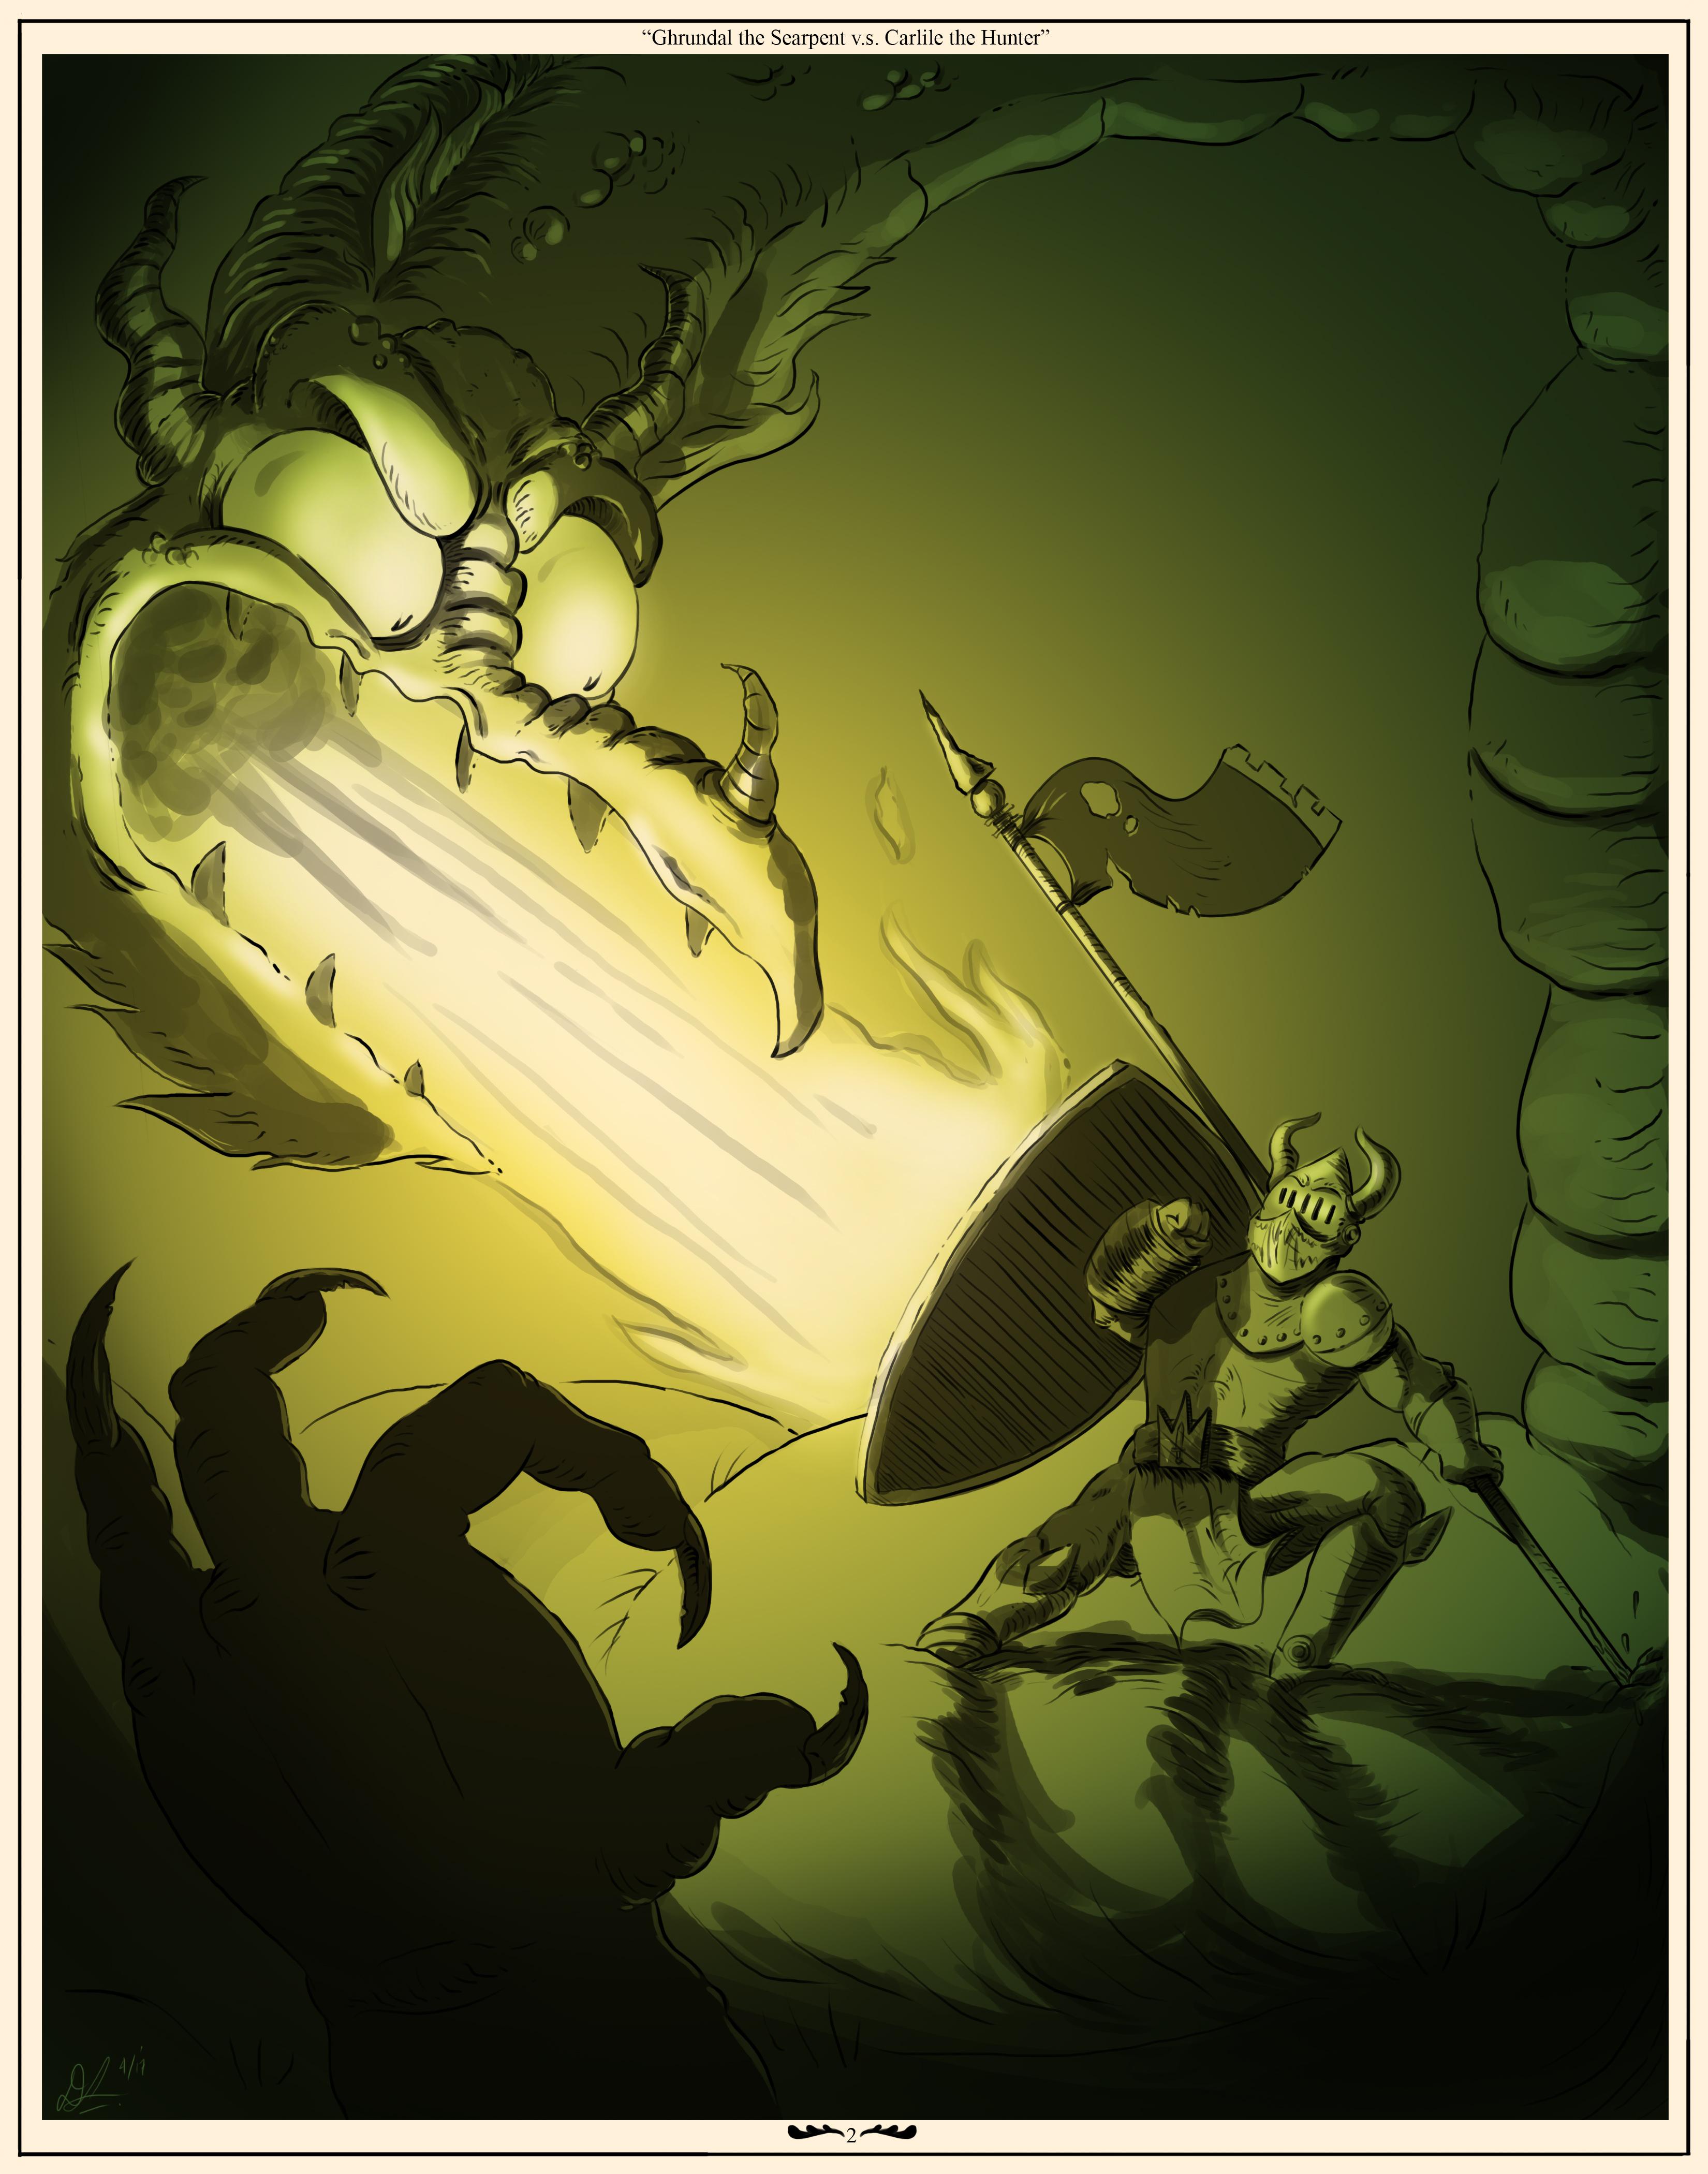 Ghrundal V.S. Carlile Serpents Bane